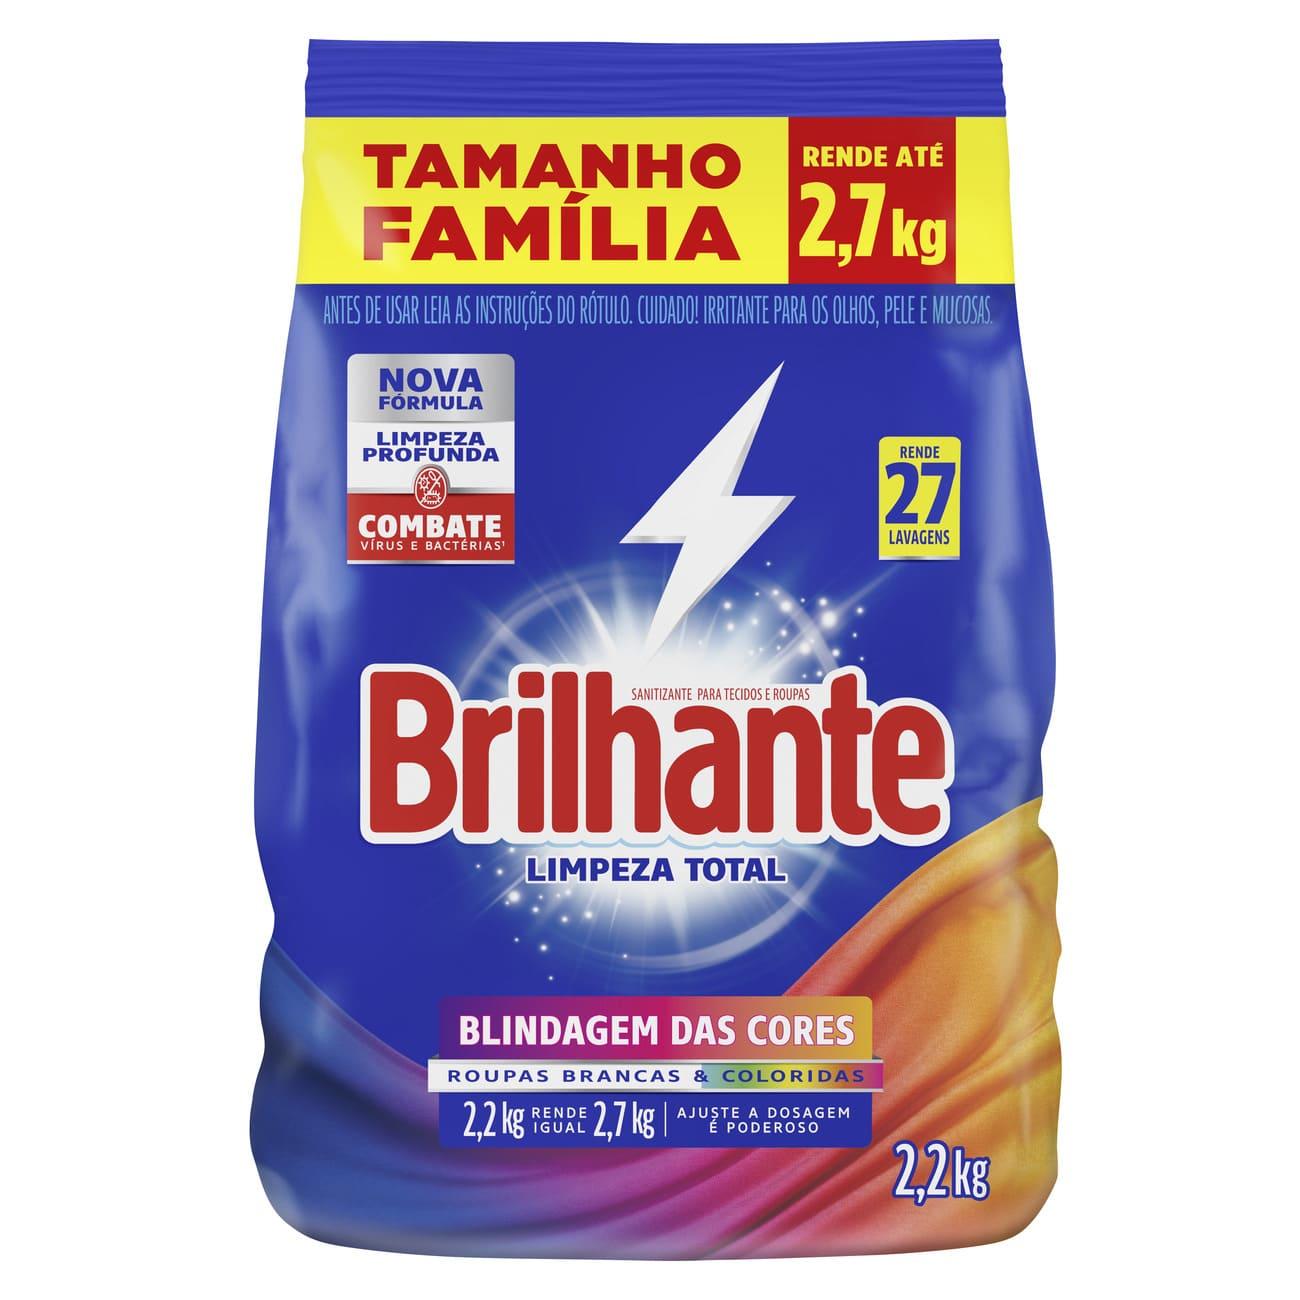 Lava-Roupas em Pó Roupas Brancas e Coloridas Brilhante Sanitizante Limpeza Total Pacote 2,2kg Tamanho Família